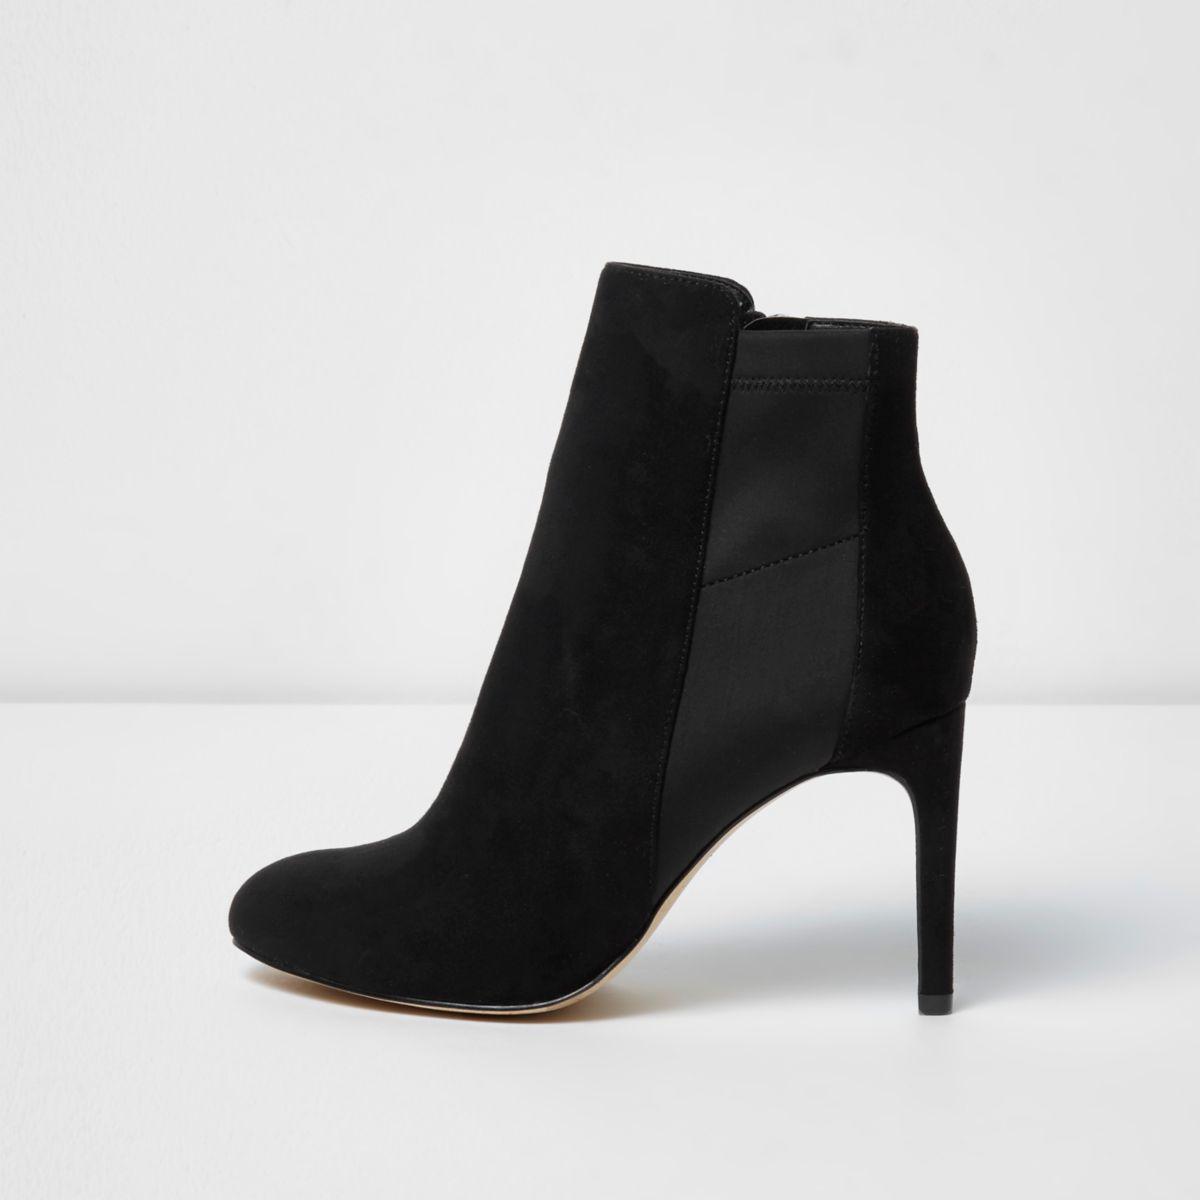 Zwarte laarzen met inzetstuk van scubastof en stilettohakken